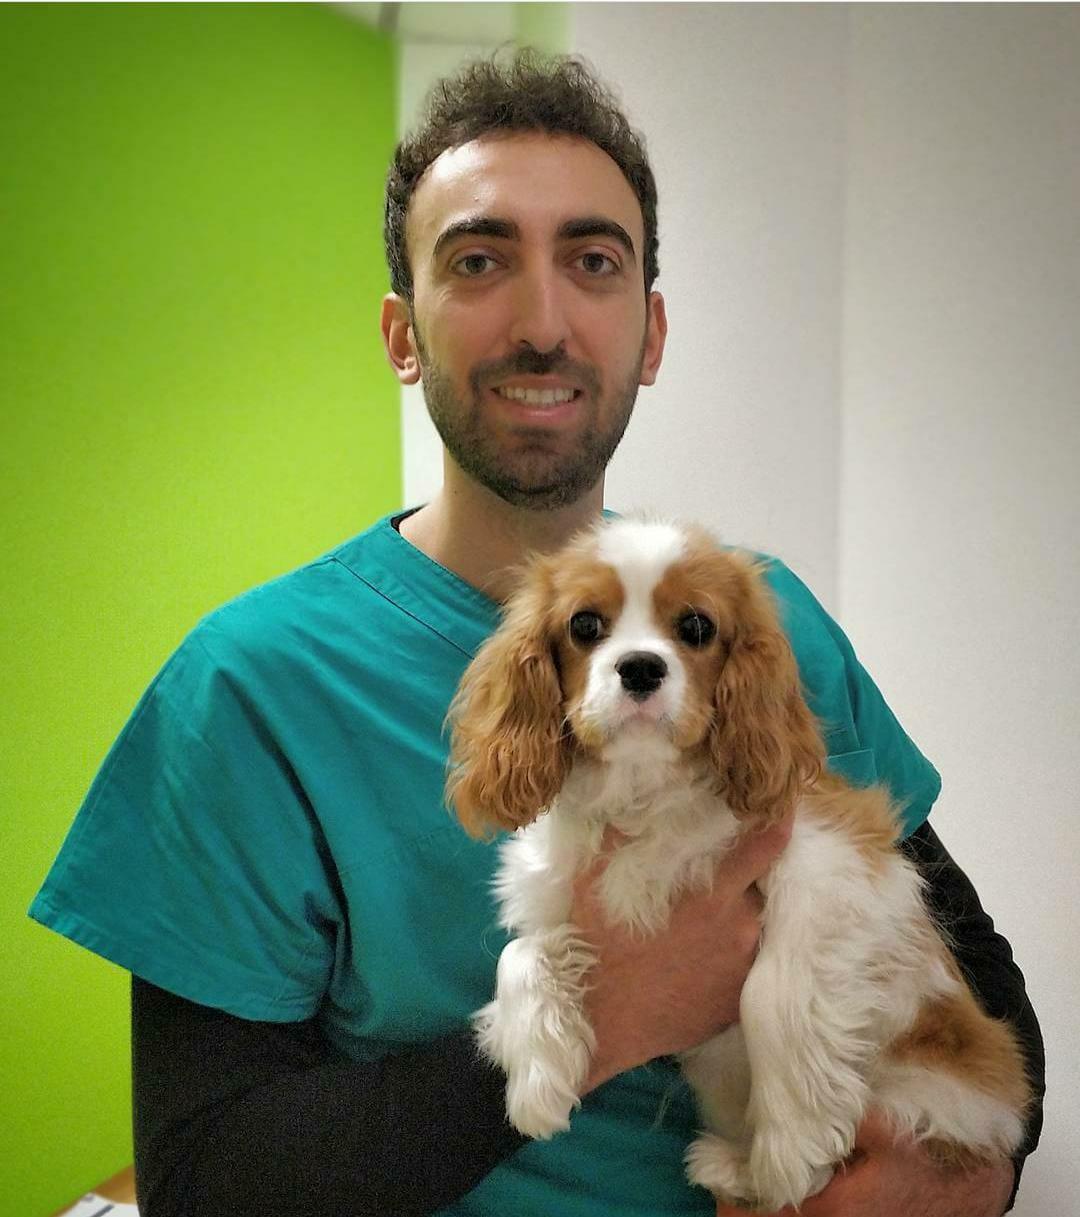 foto gero zagarrigo ortopedico